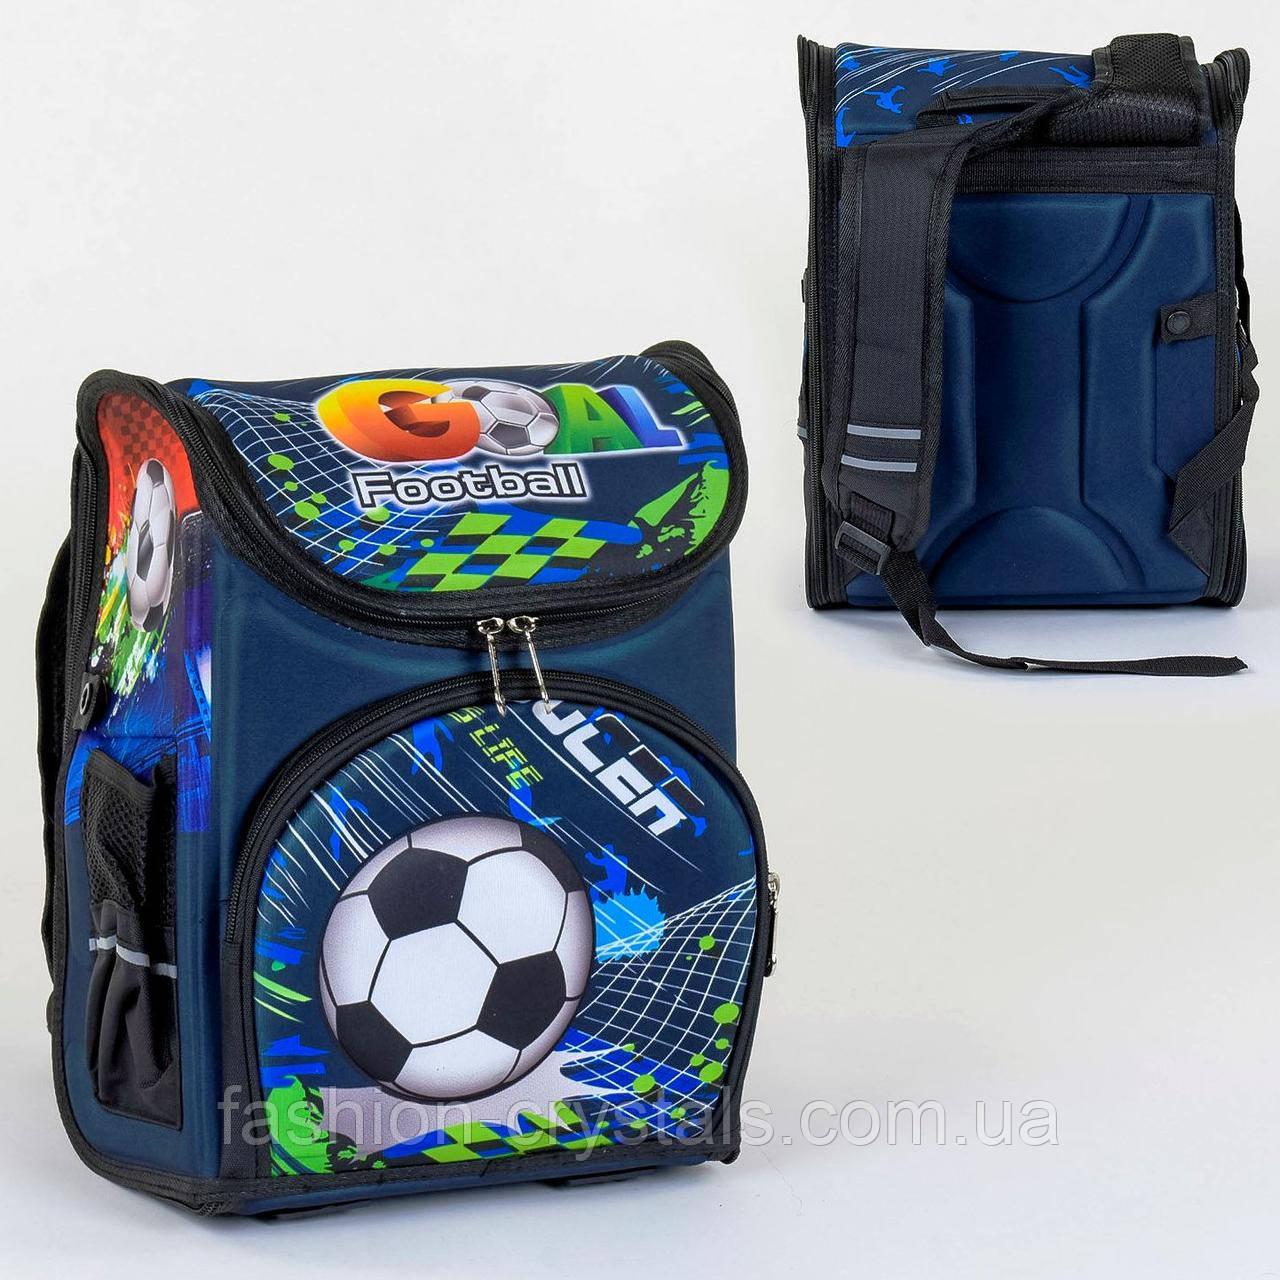 Рюкзак football c 3D принтом C 36159